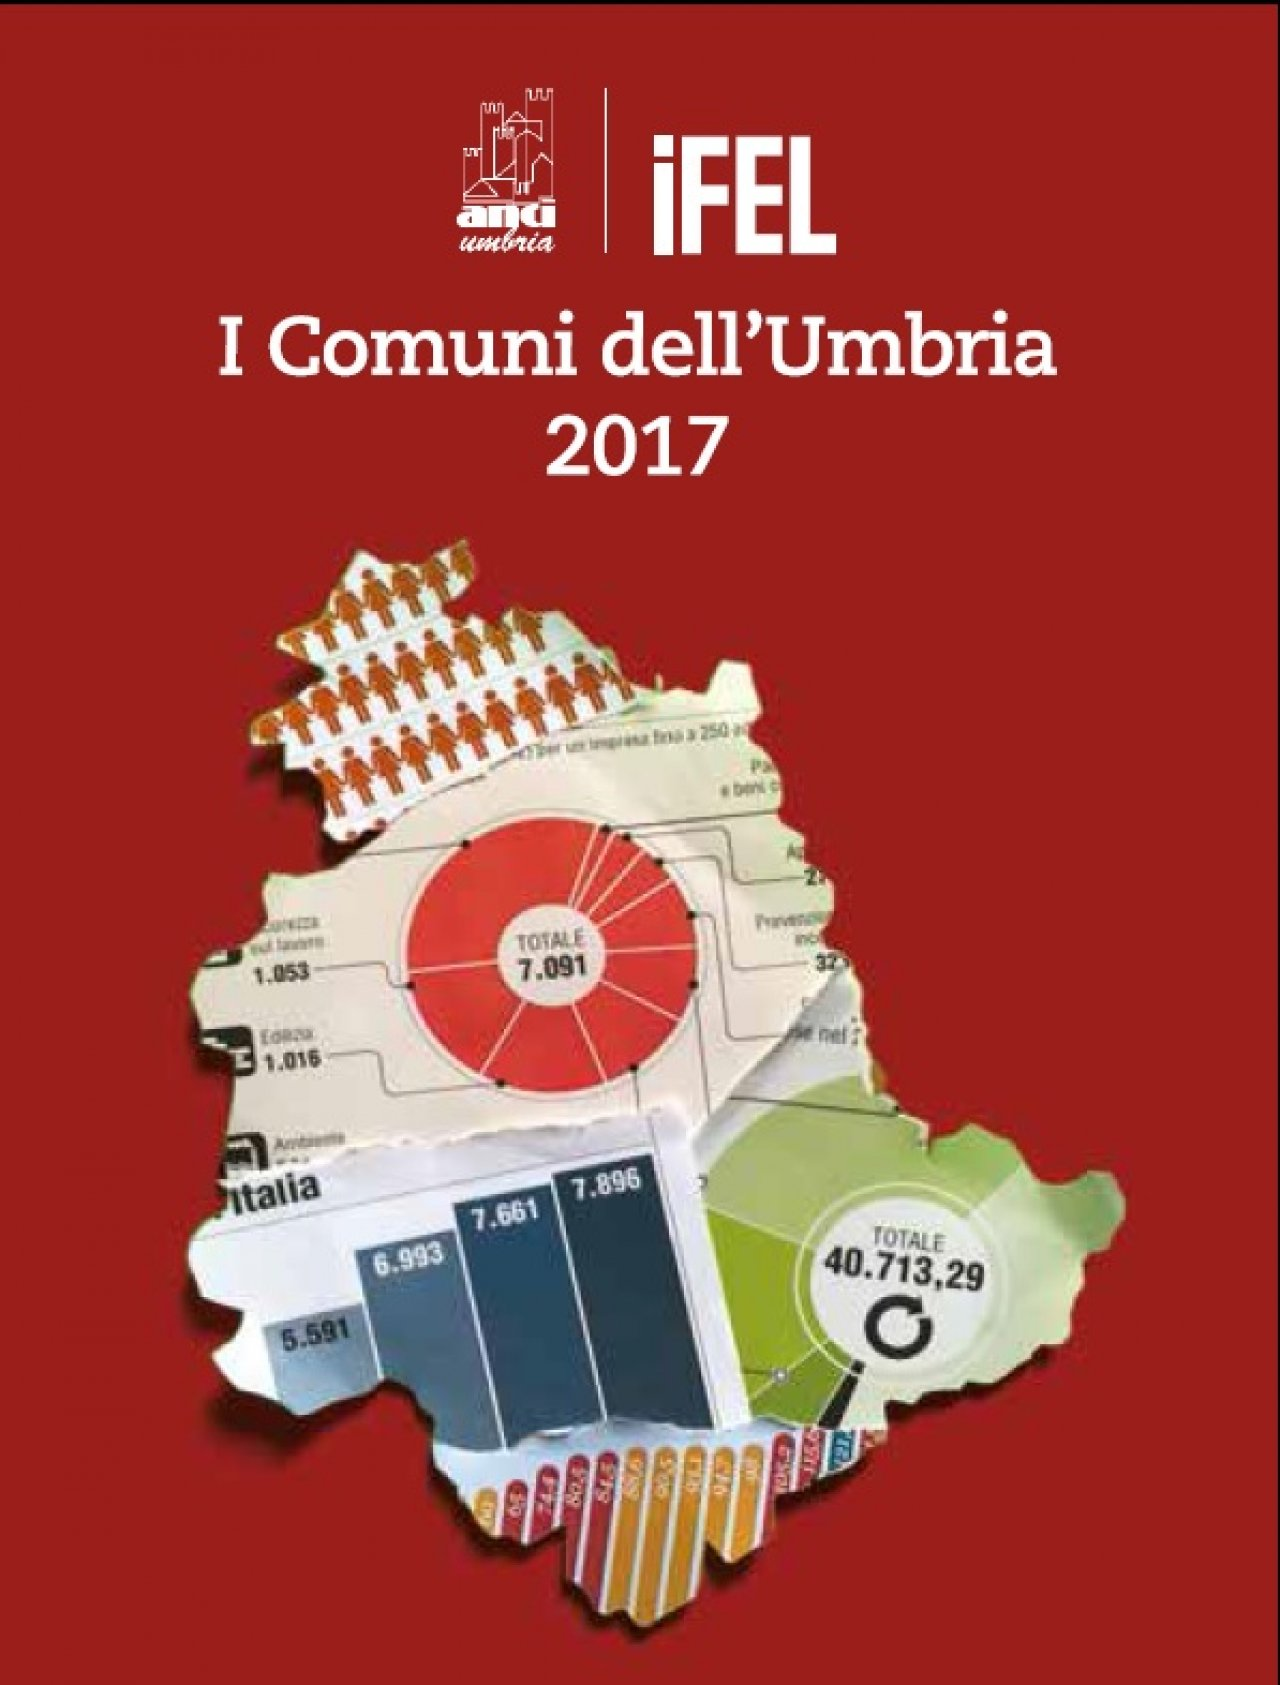 I Comuni dell'Umbria 2017